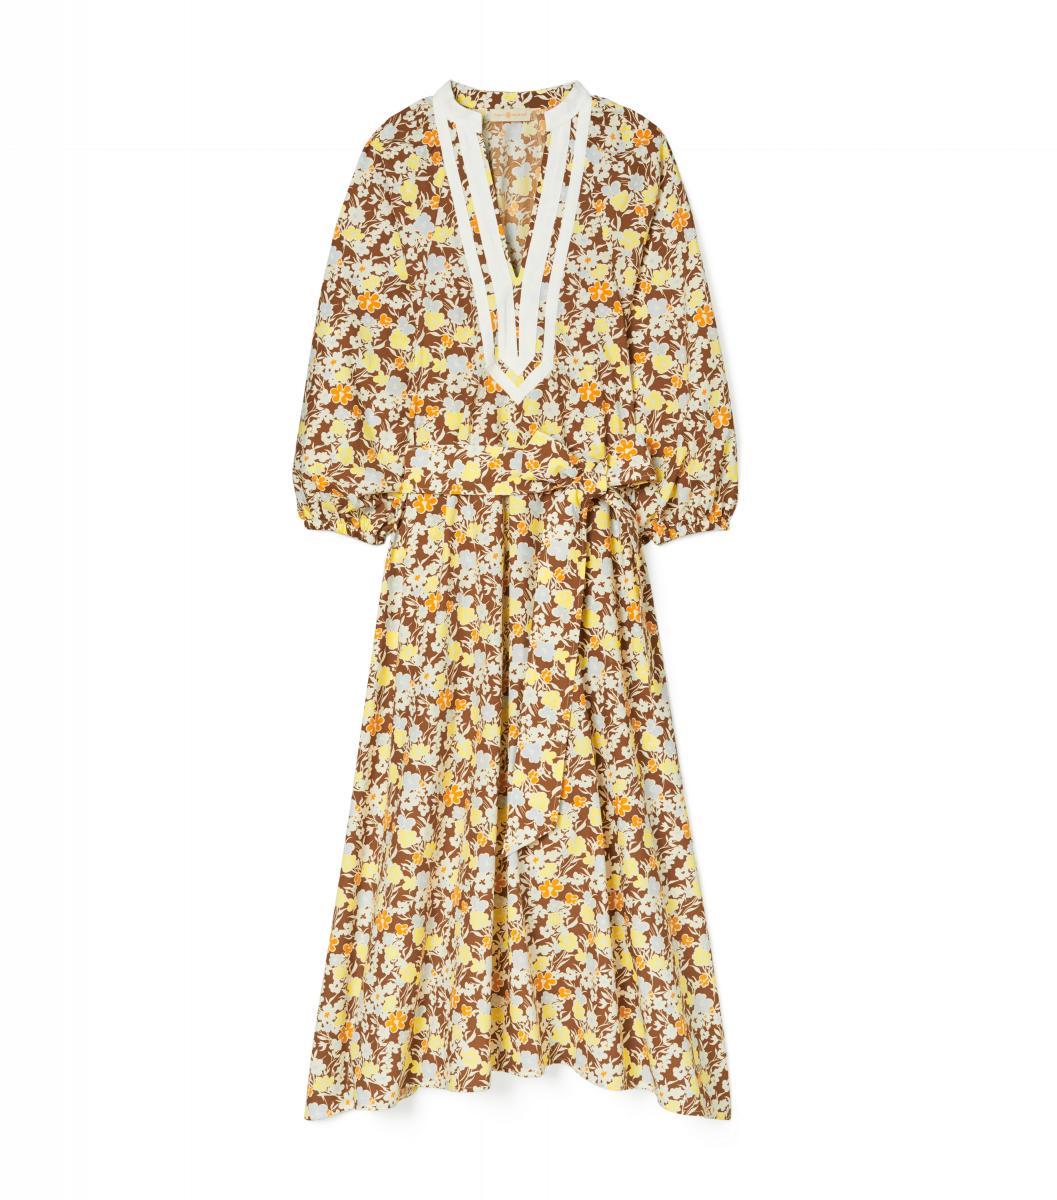 碎花洋裝穿搭推薦這6款!Gucci、Valentino、Tory Burch...AllSaints這一件每季都賣翻-5